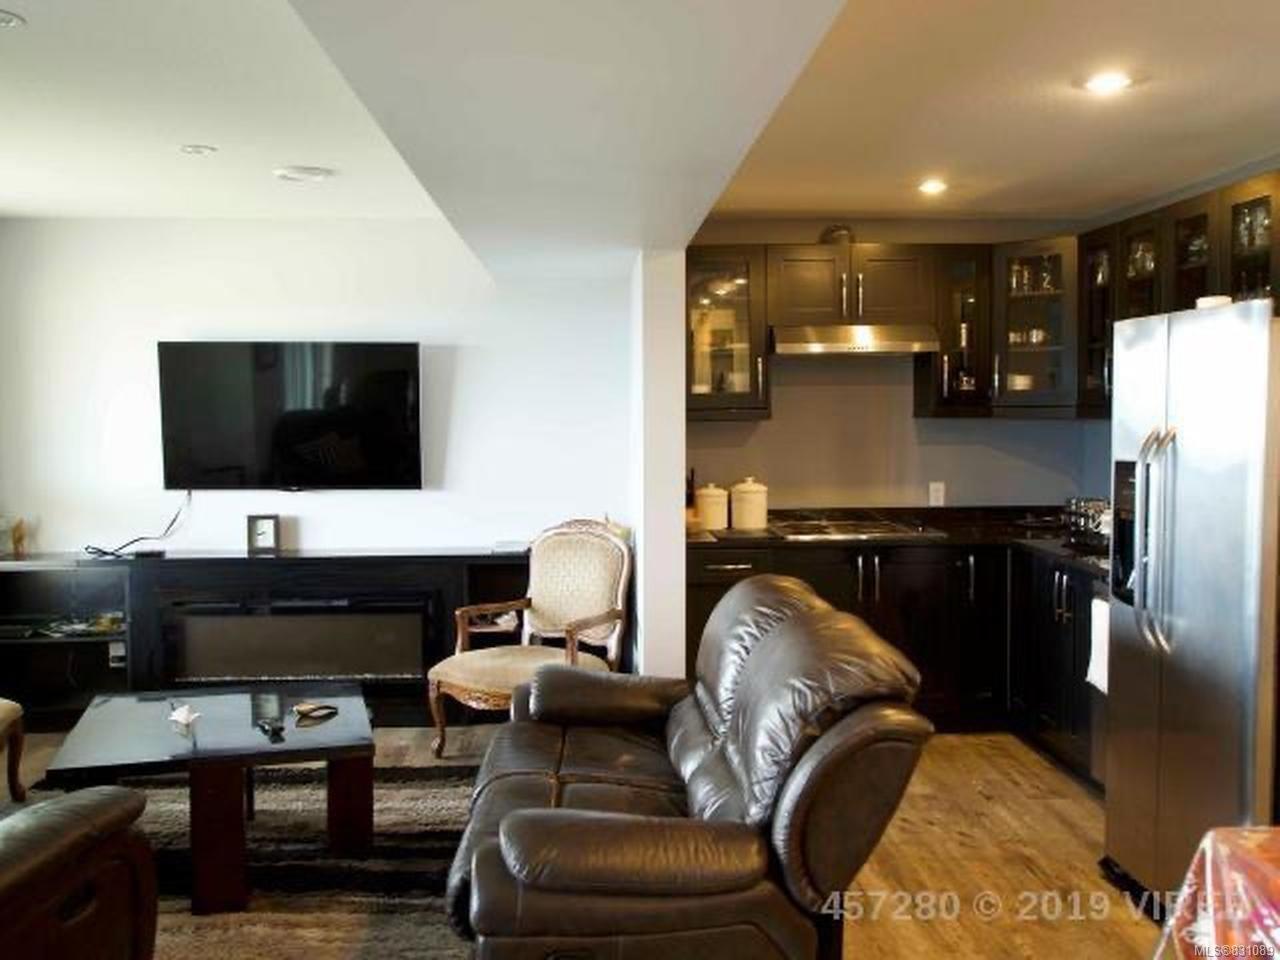 Photo 16: Photos: 4534 Laguna Way in NANAIMO: Na North Nanaimo House for sale (Nanaimo)  : MLS®# 831089